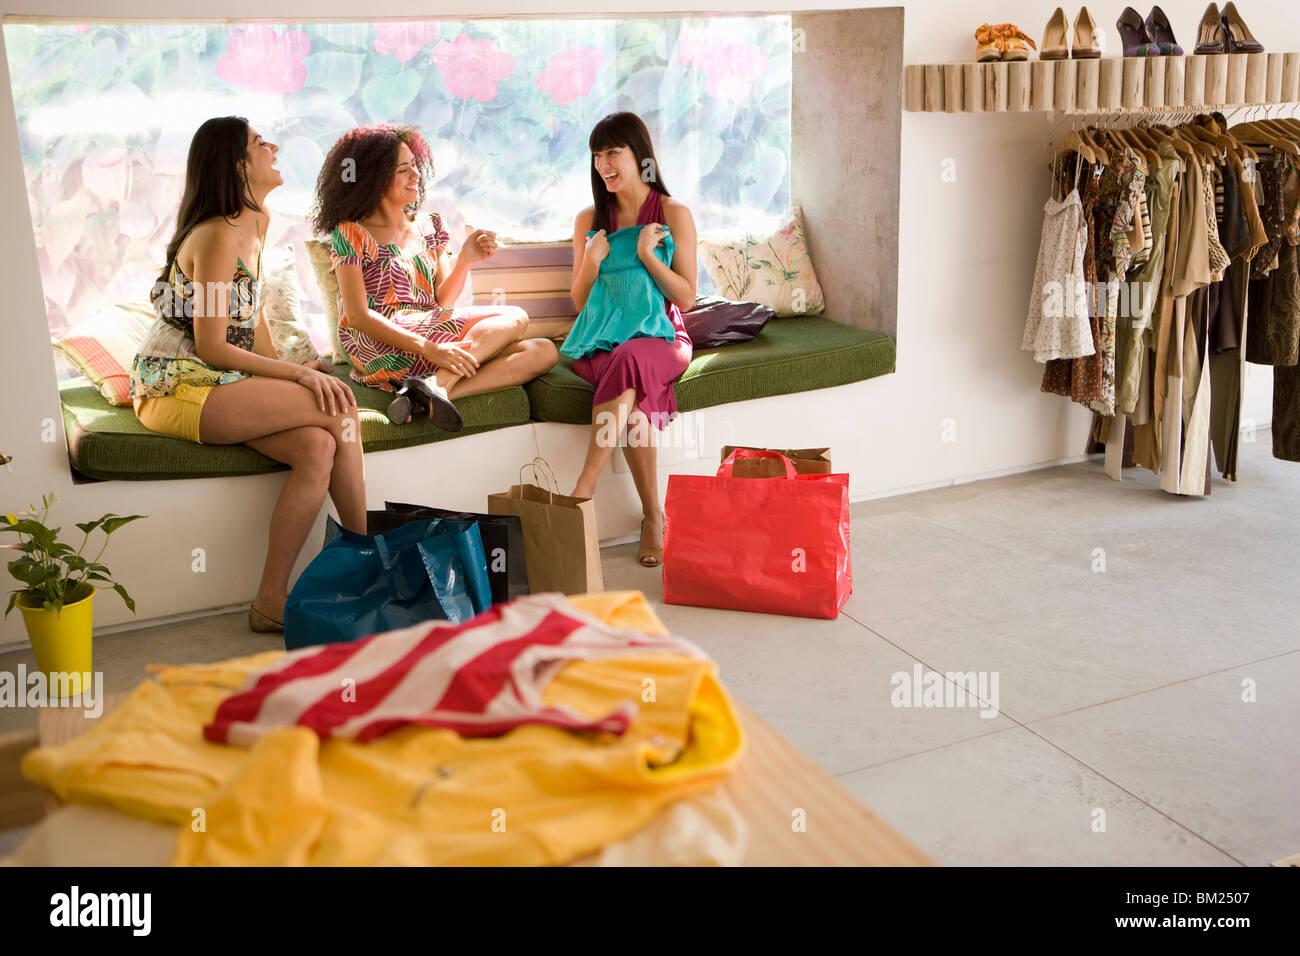 Trois jeunes femmes regardant leurs achats de vêtements dans un magasin Photo Stock